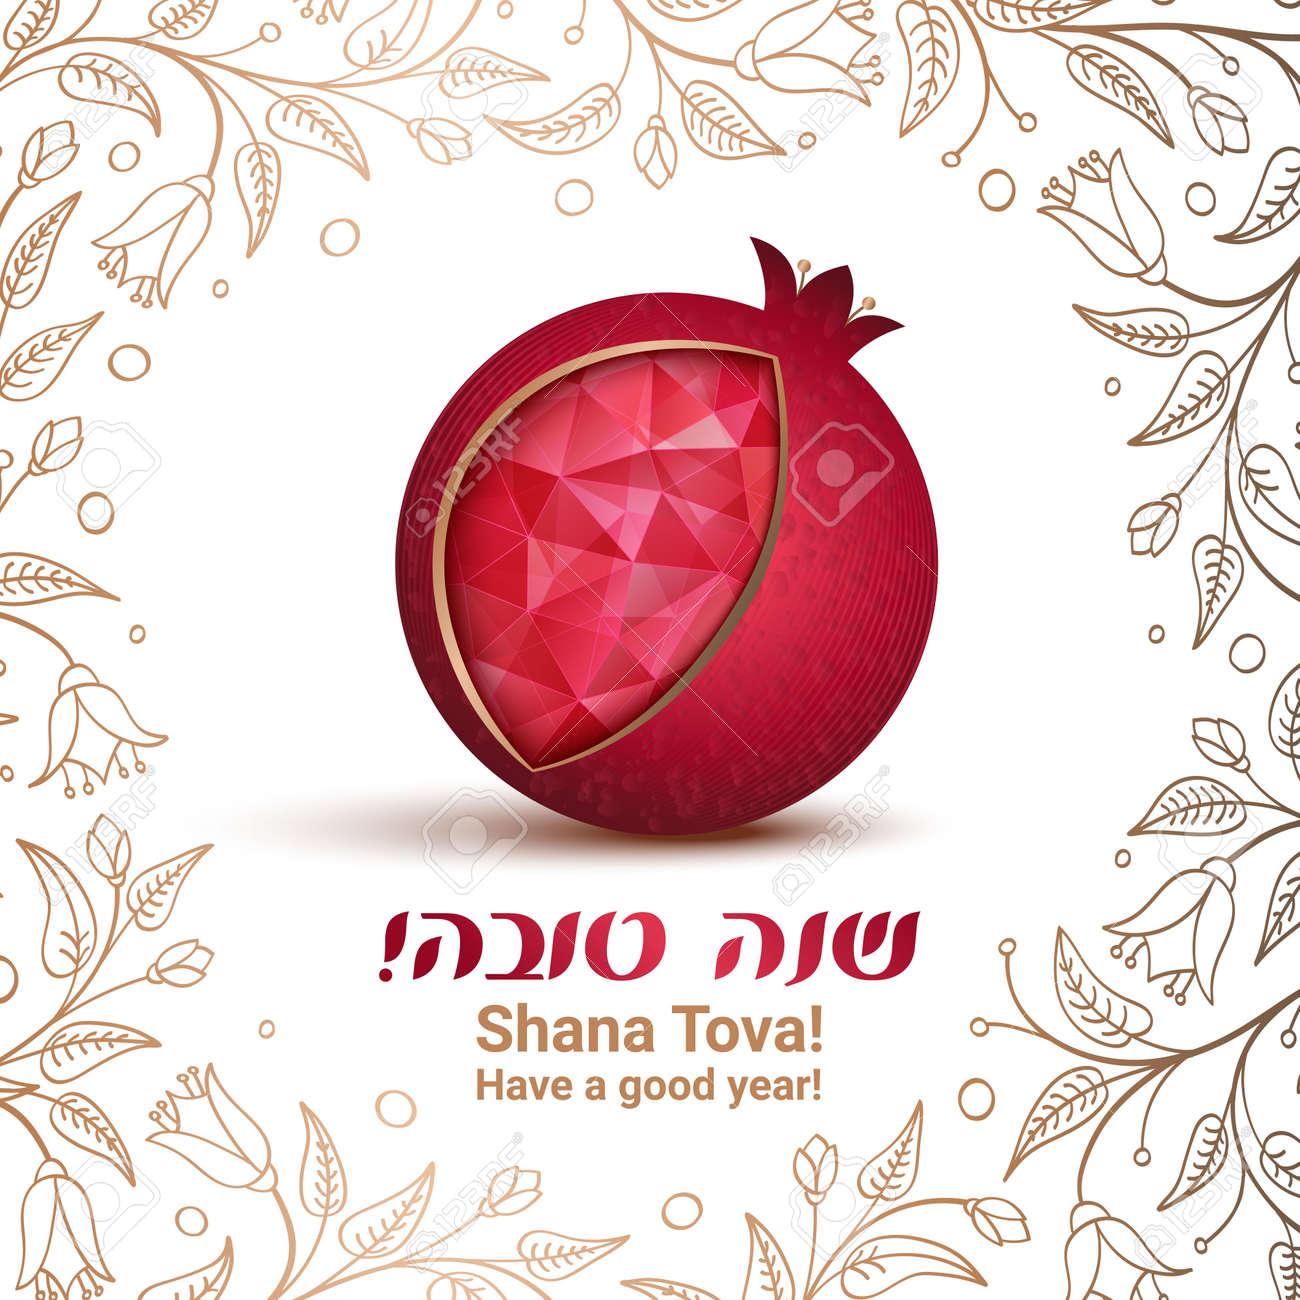 Rosh hashana card jewish new year greeting text shana tova rosh hashana card jewish new year greeting text shana tova on hebrew have m4hsunfo